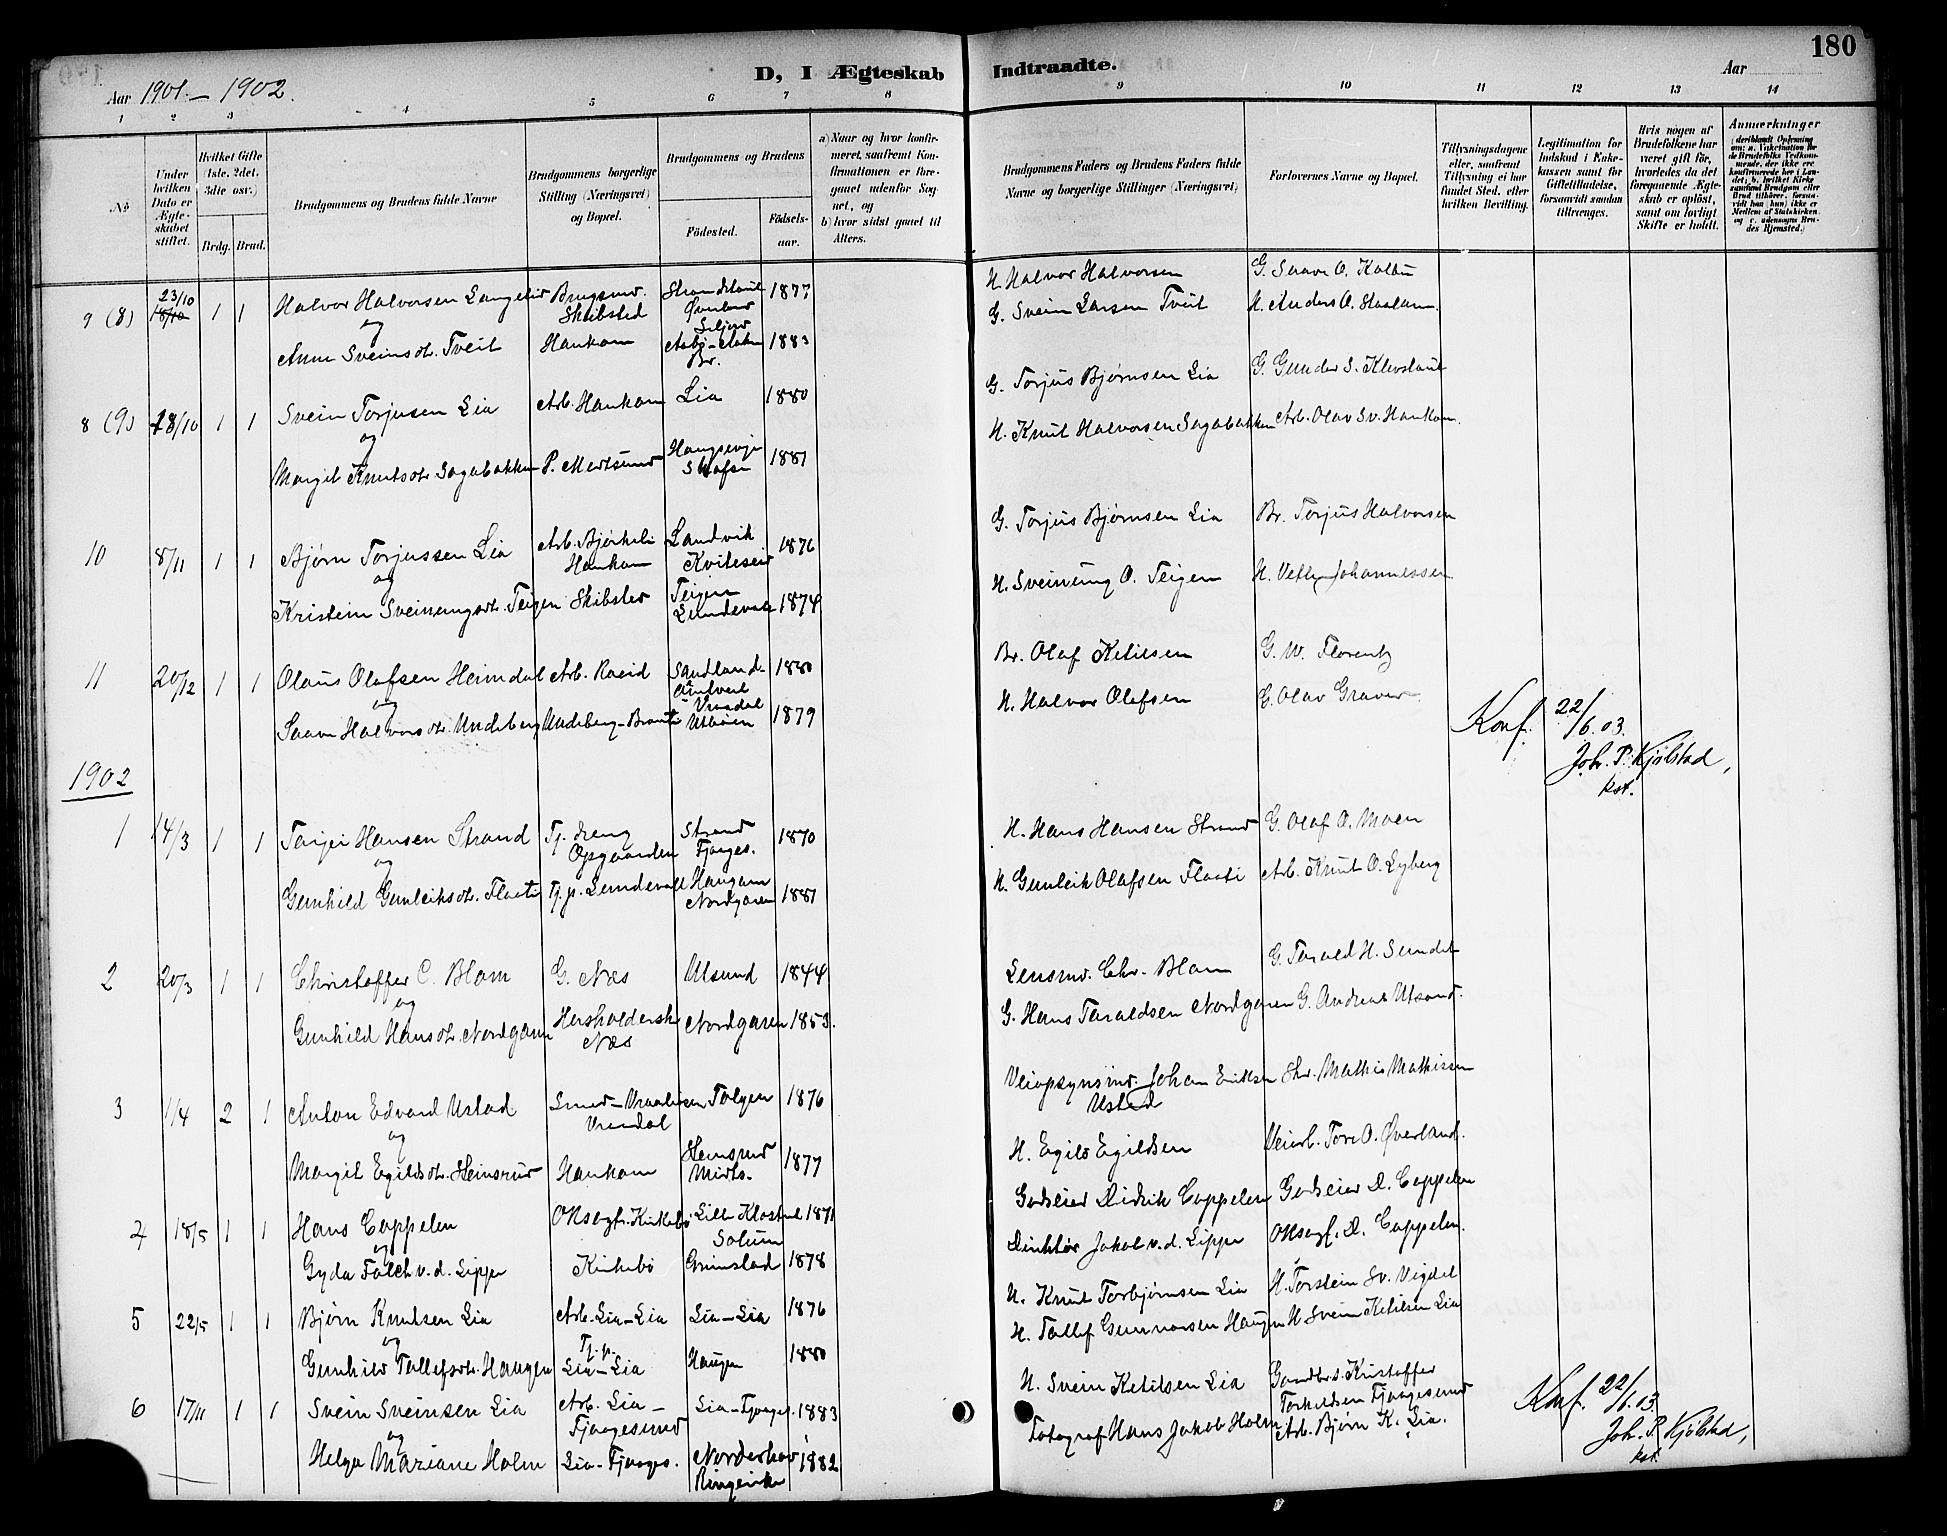 SAKO, Kviteseid kirkebøker, G/Ga/L0002: Klokkerbok nr. I 2, 1893-1918, s. 180